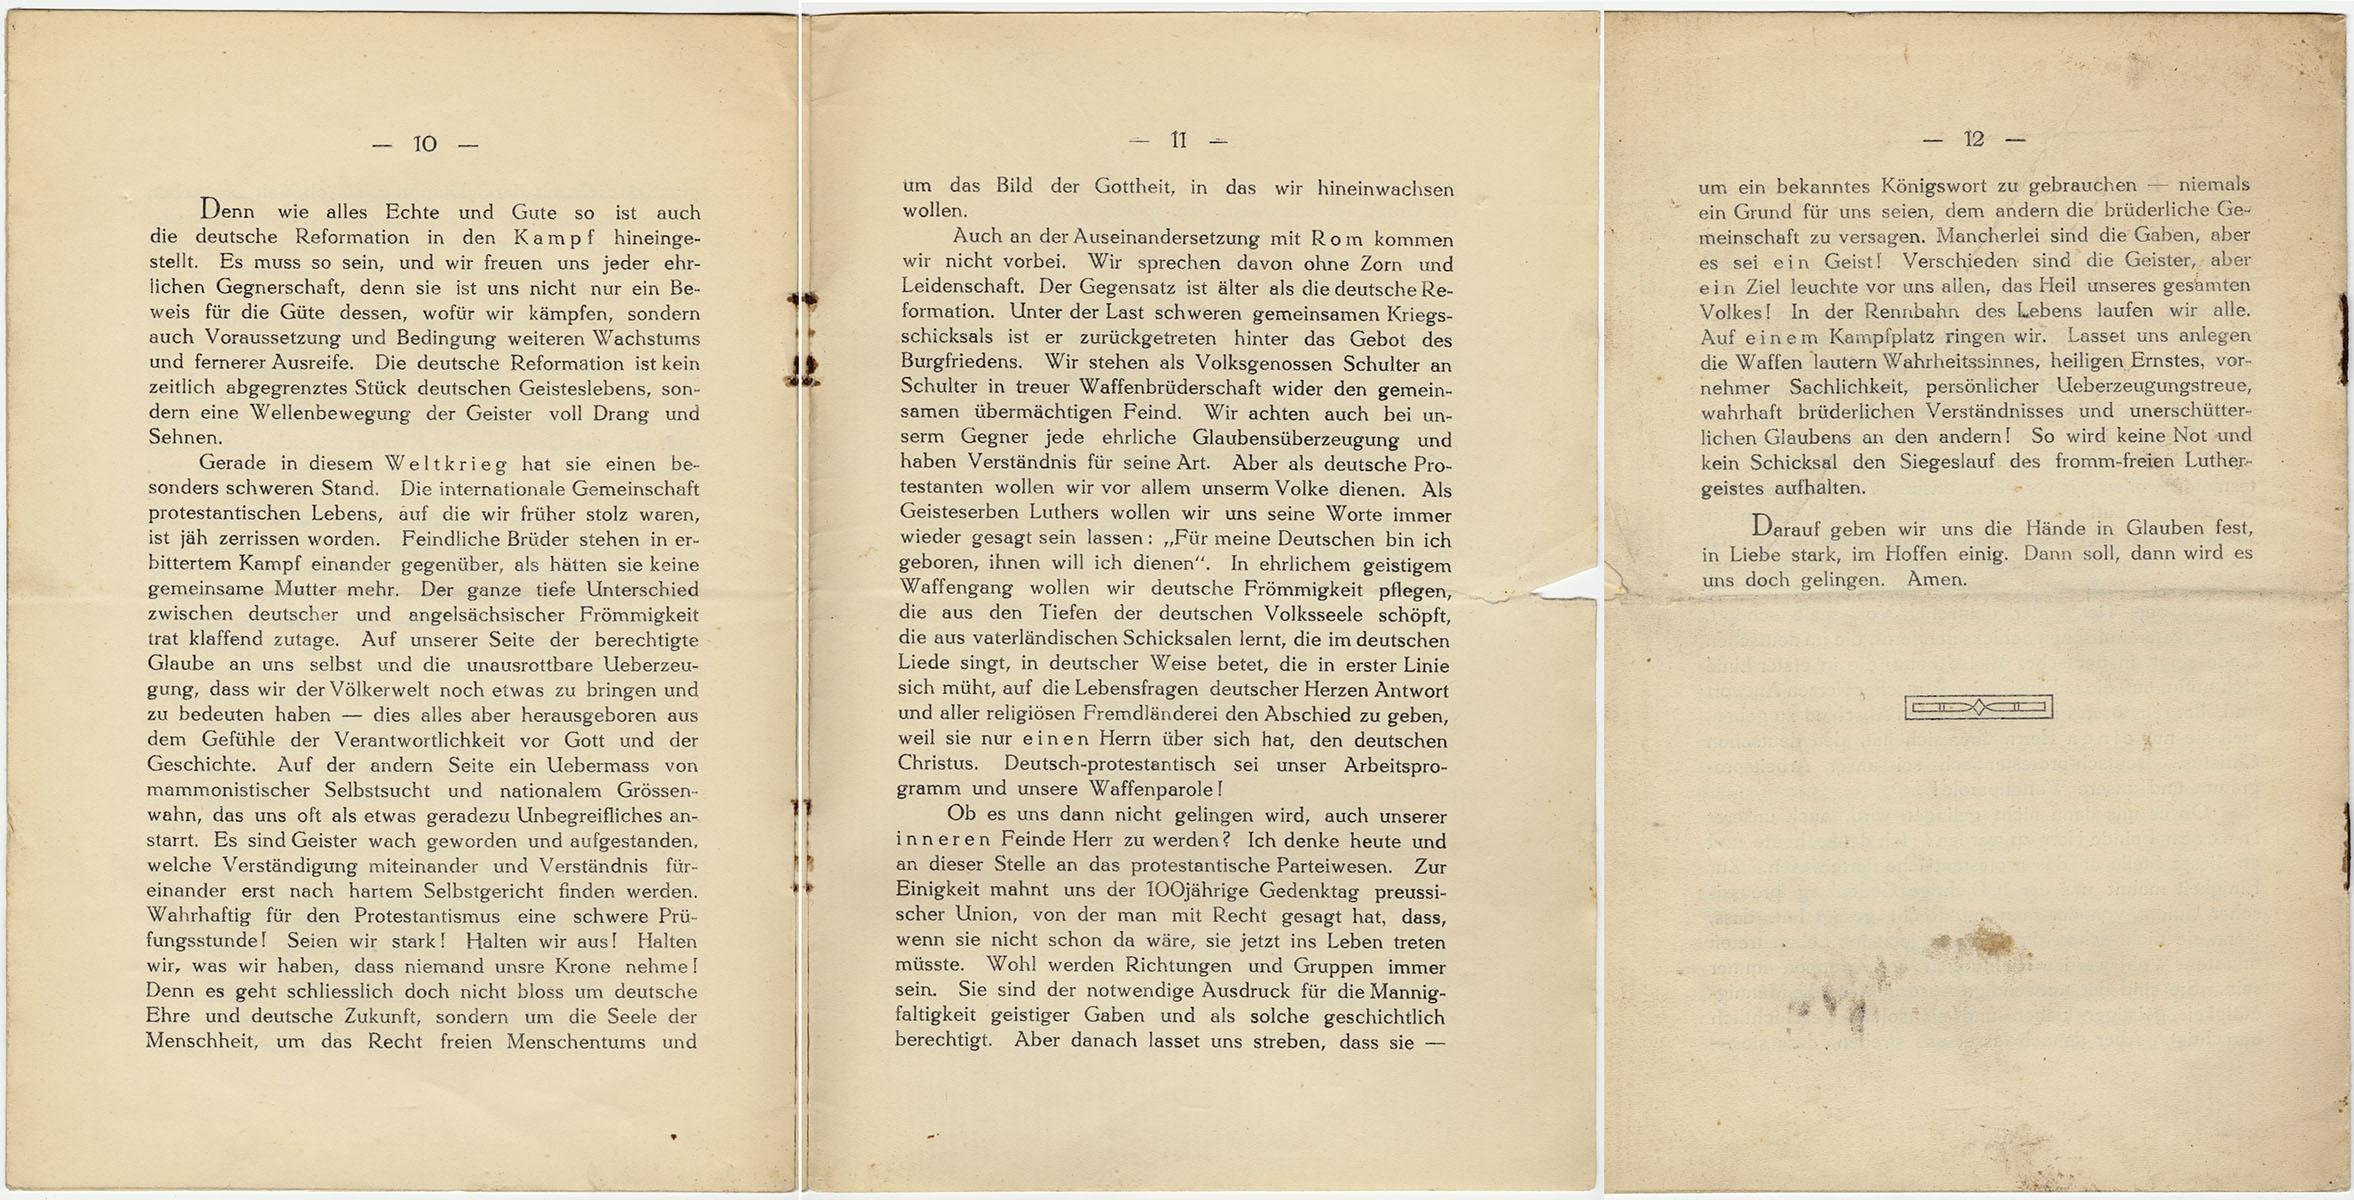 Auszug aus der Festpredigt zum Reformationsjubiläum 1917 von Pfarrer Karl Theodor Becker, gehalten in der Christuskirche zu Köln 31. Oktober 1917, AEKR Archivbibliothek GB 29 005